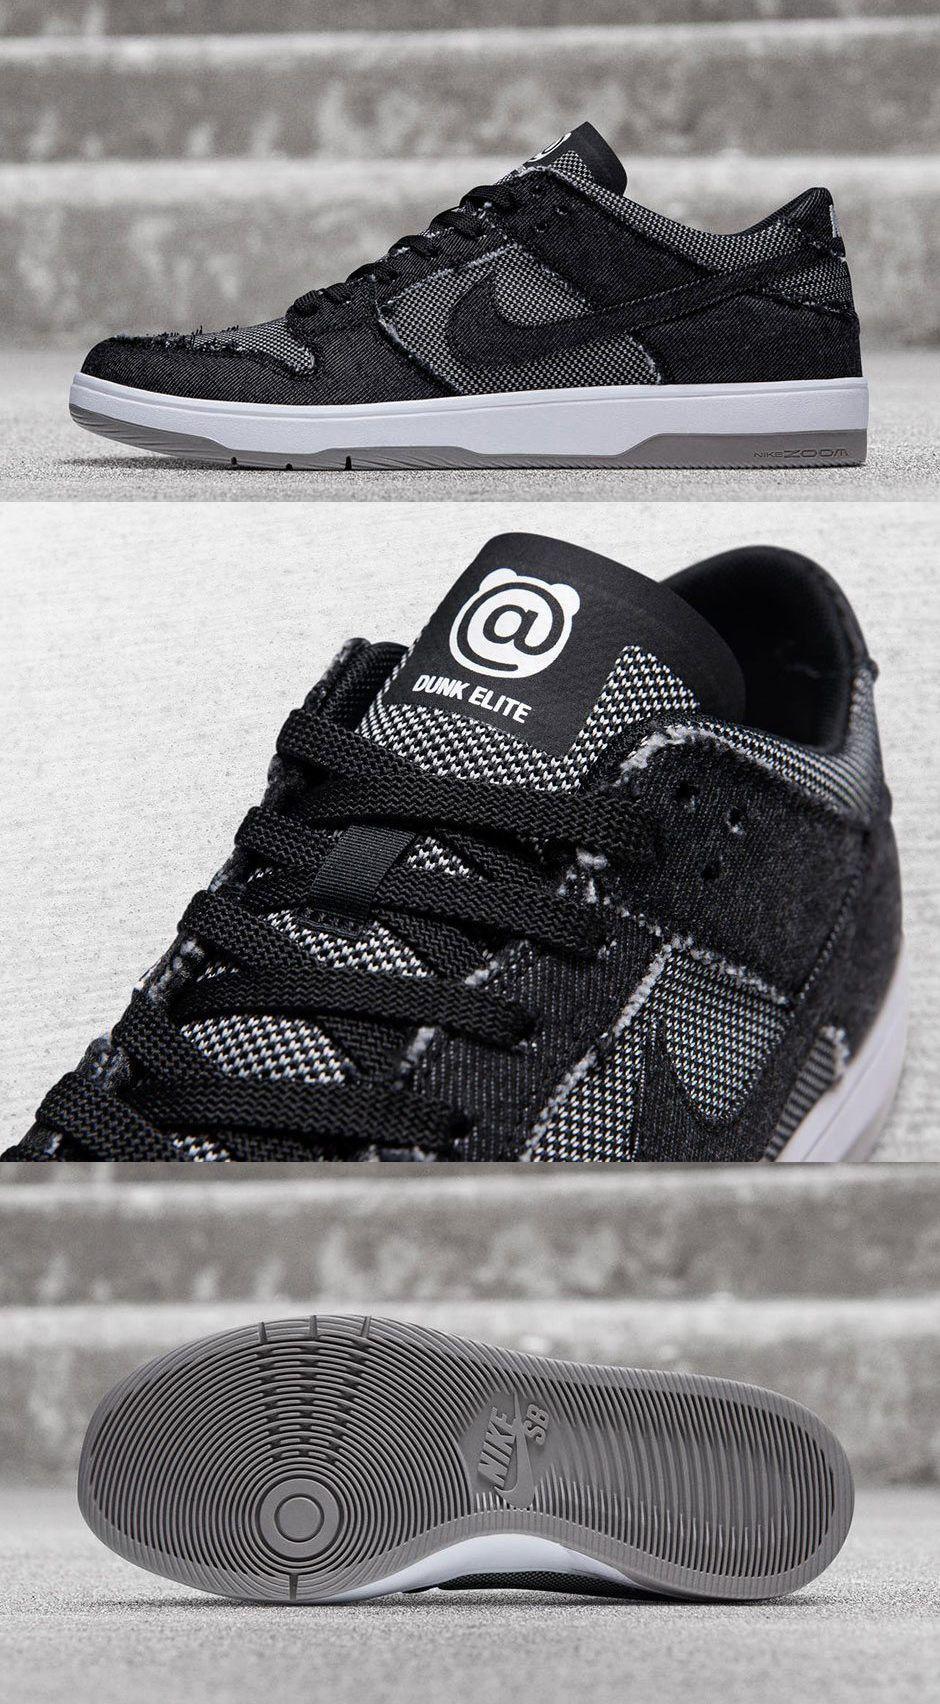 Medicom Toy X Nike Sb Dunk Elite Be Rbrick Nike Sb Dunks